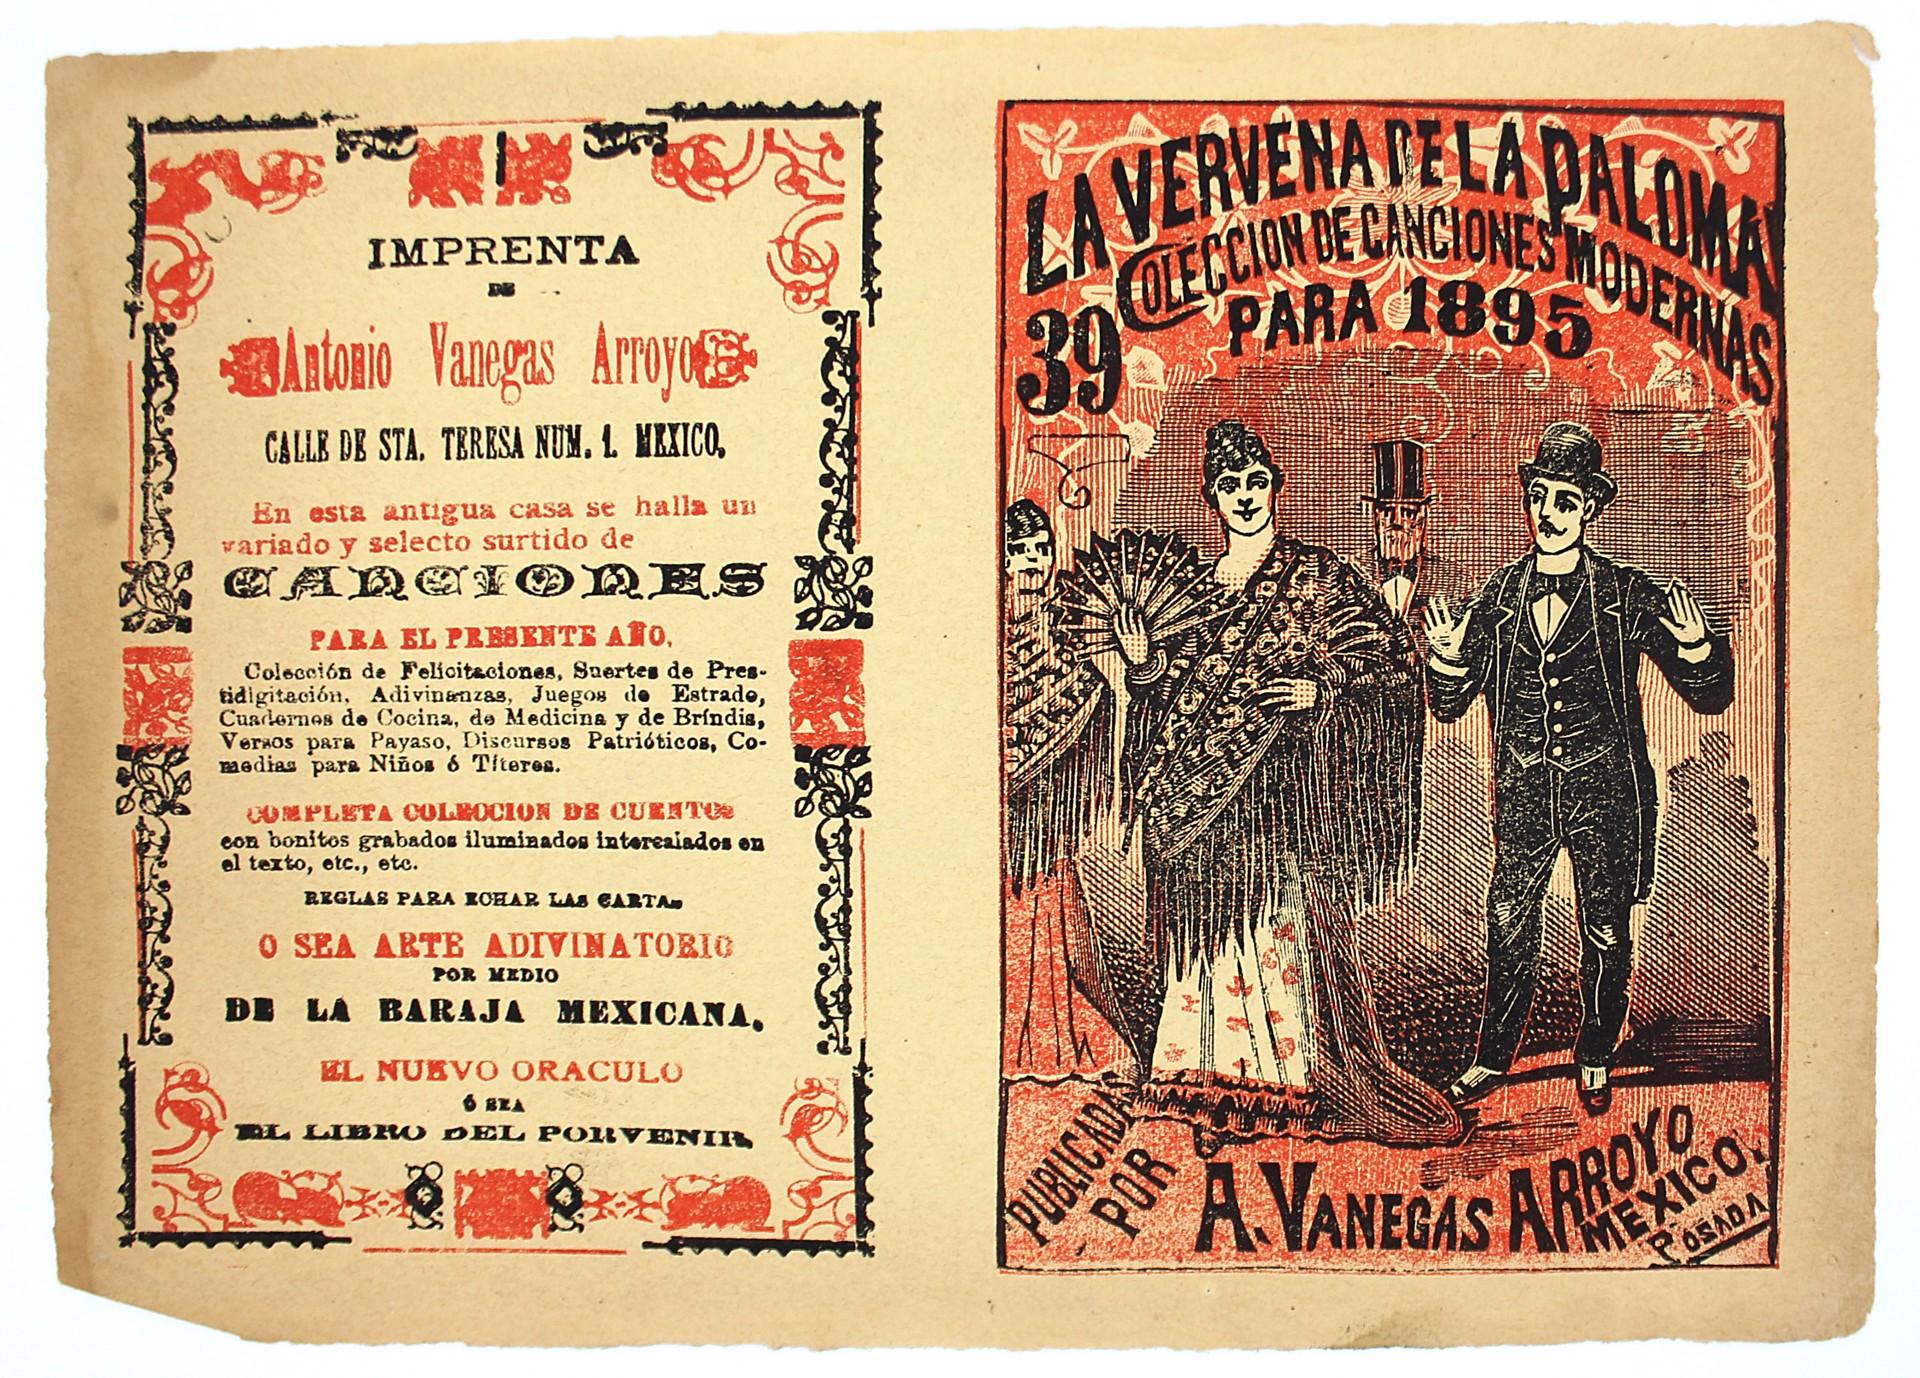 La Vervena de la Paloma. Colección de canciones modernas, No. 39 by José Guadalupe Posada (1852 - 1913)